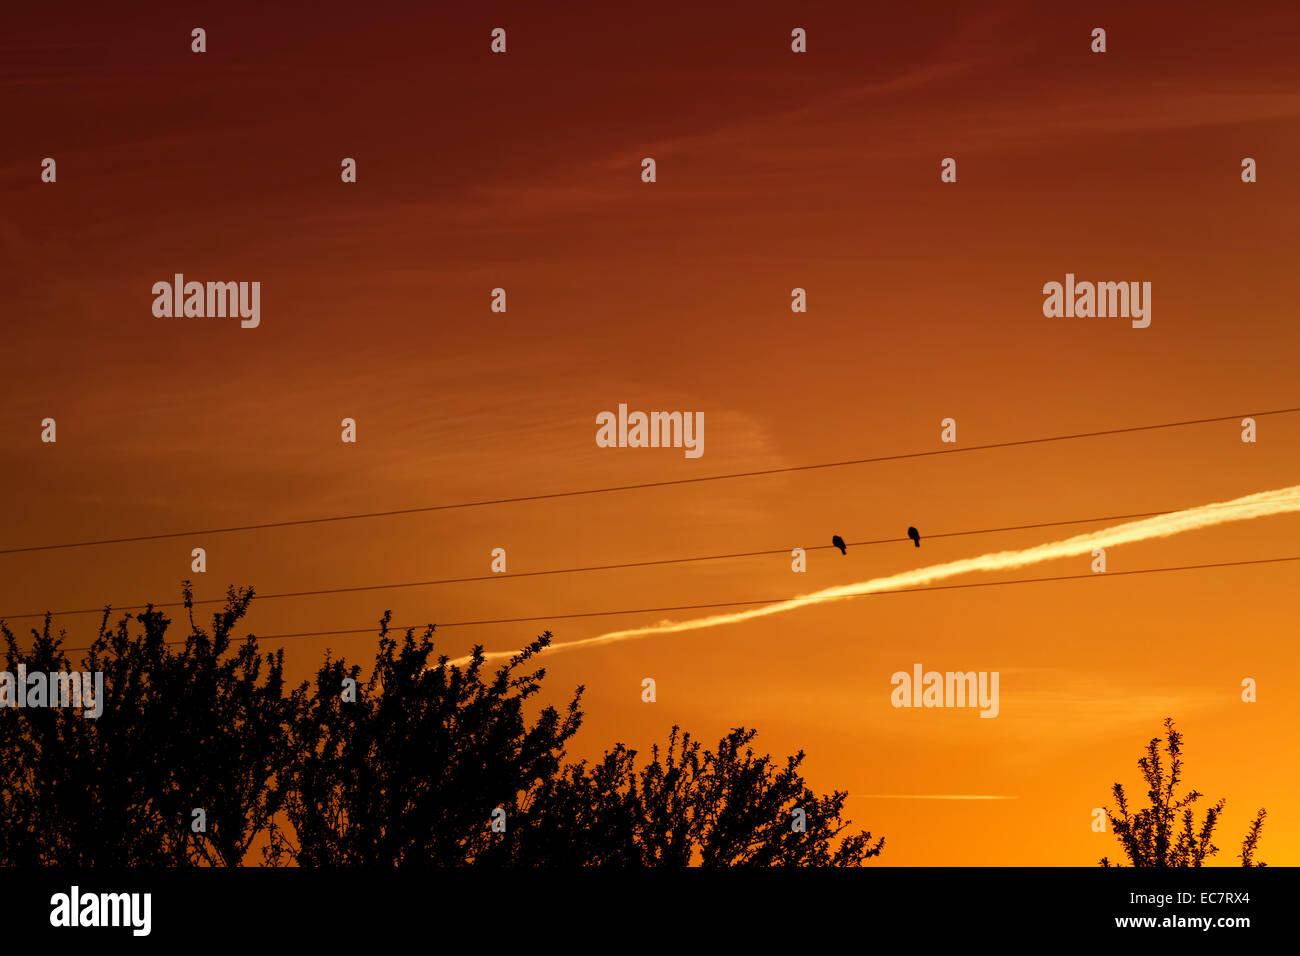 Gli uccelli in un filo al tramonto Immagini Stock